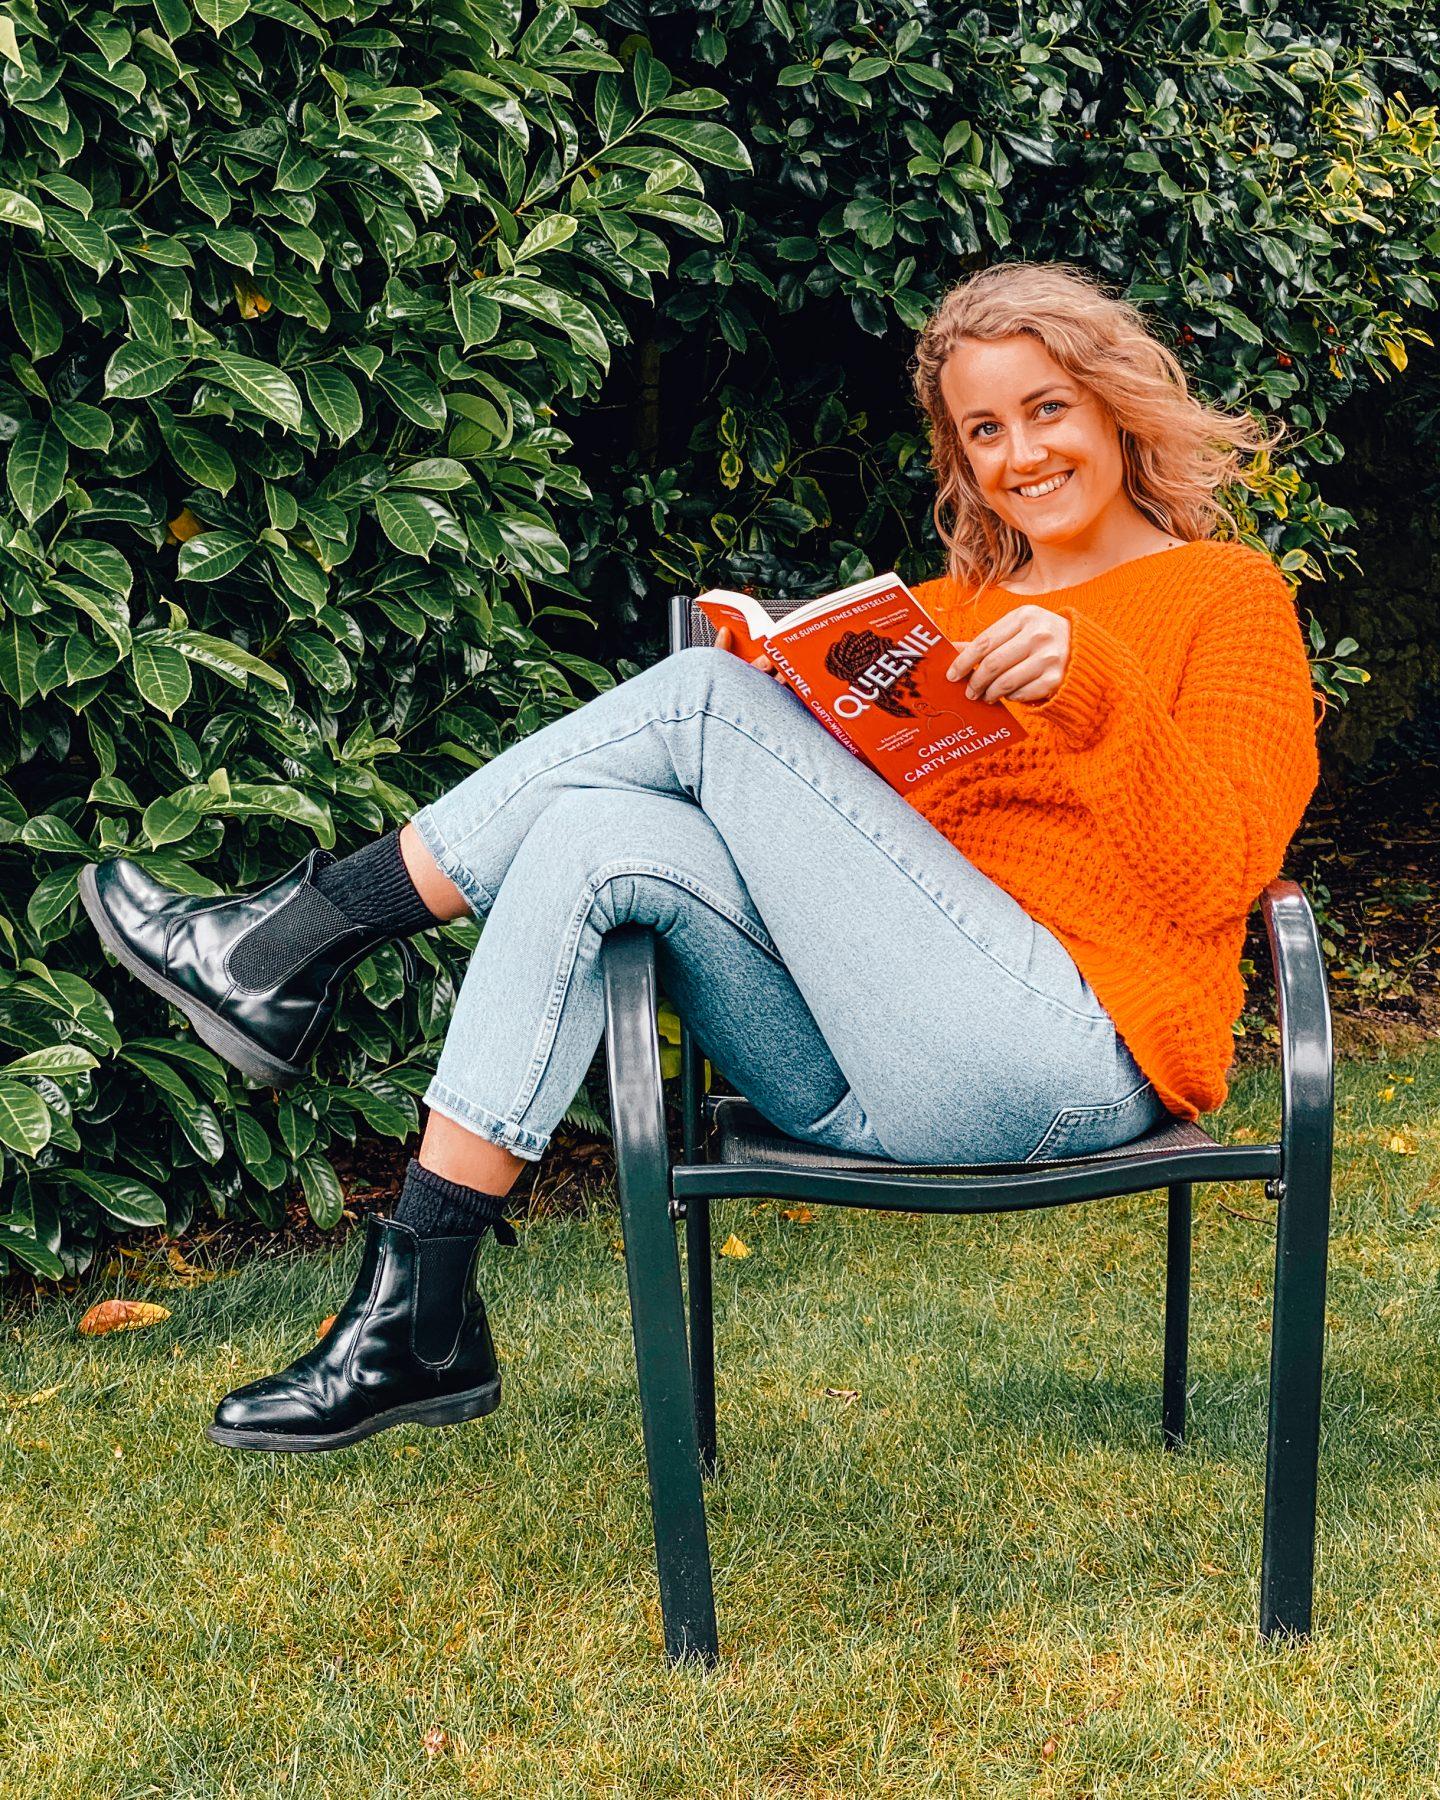 Sarah reading queen in the garden